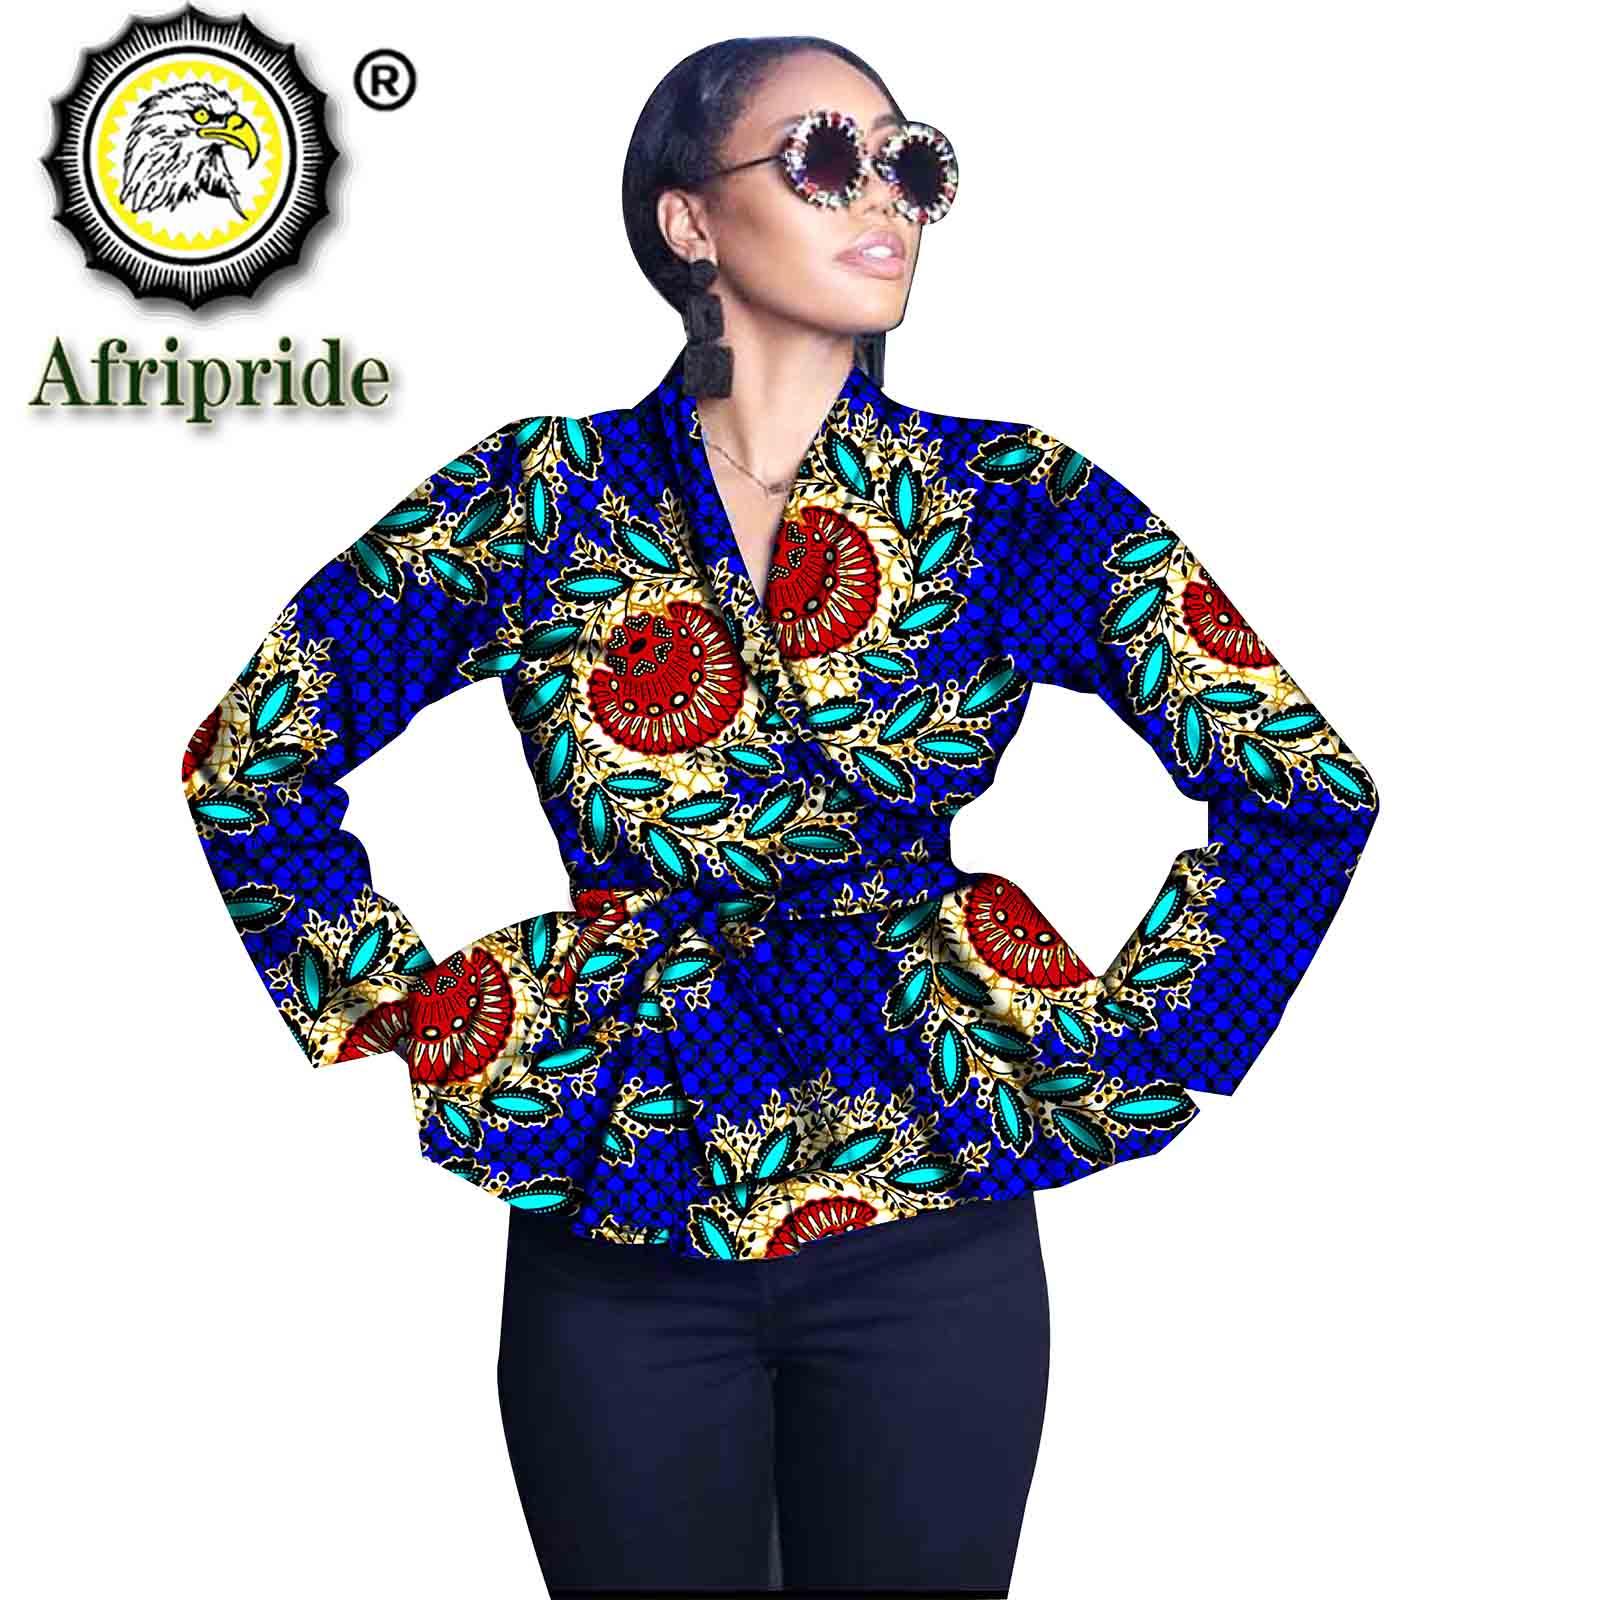 ملابس أفريقية للنساء ، معاطف عصرية ، طباعة Dashiki ، أكمام طويلة ، ملابس خارجية ، بازان غني ، مقاس كبير ، فستان أنقرة S2024019